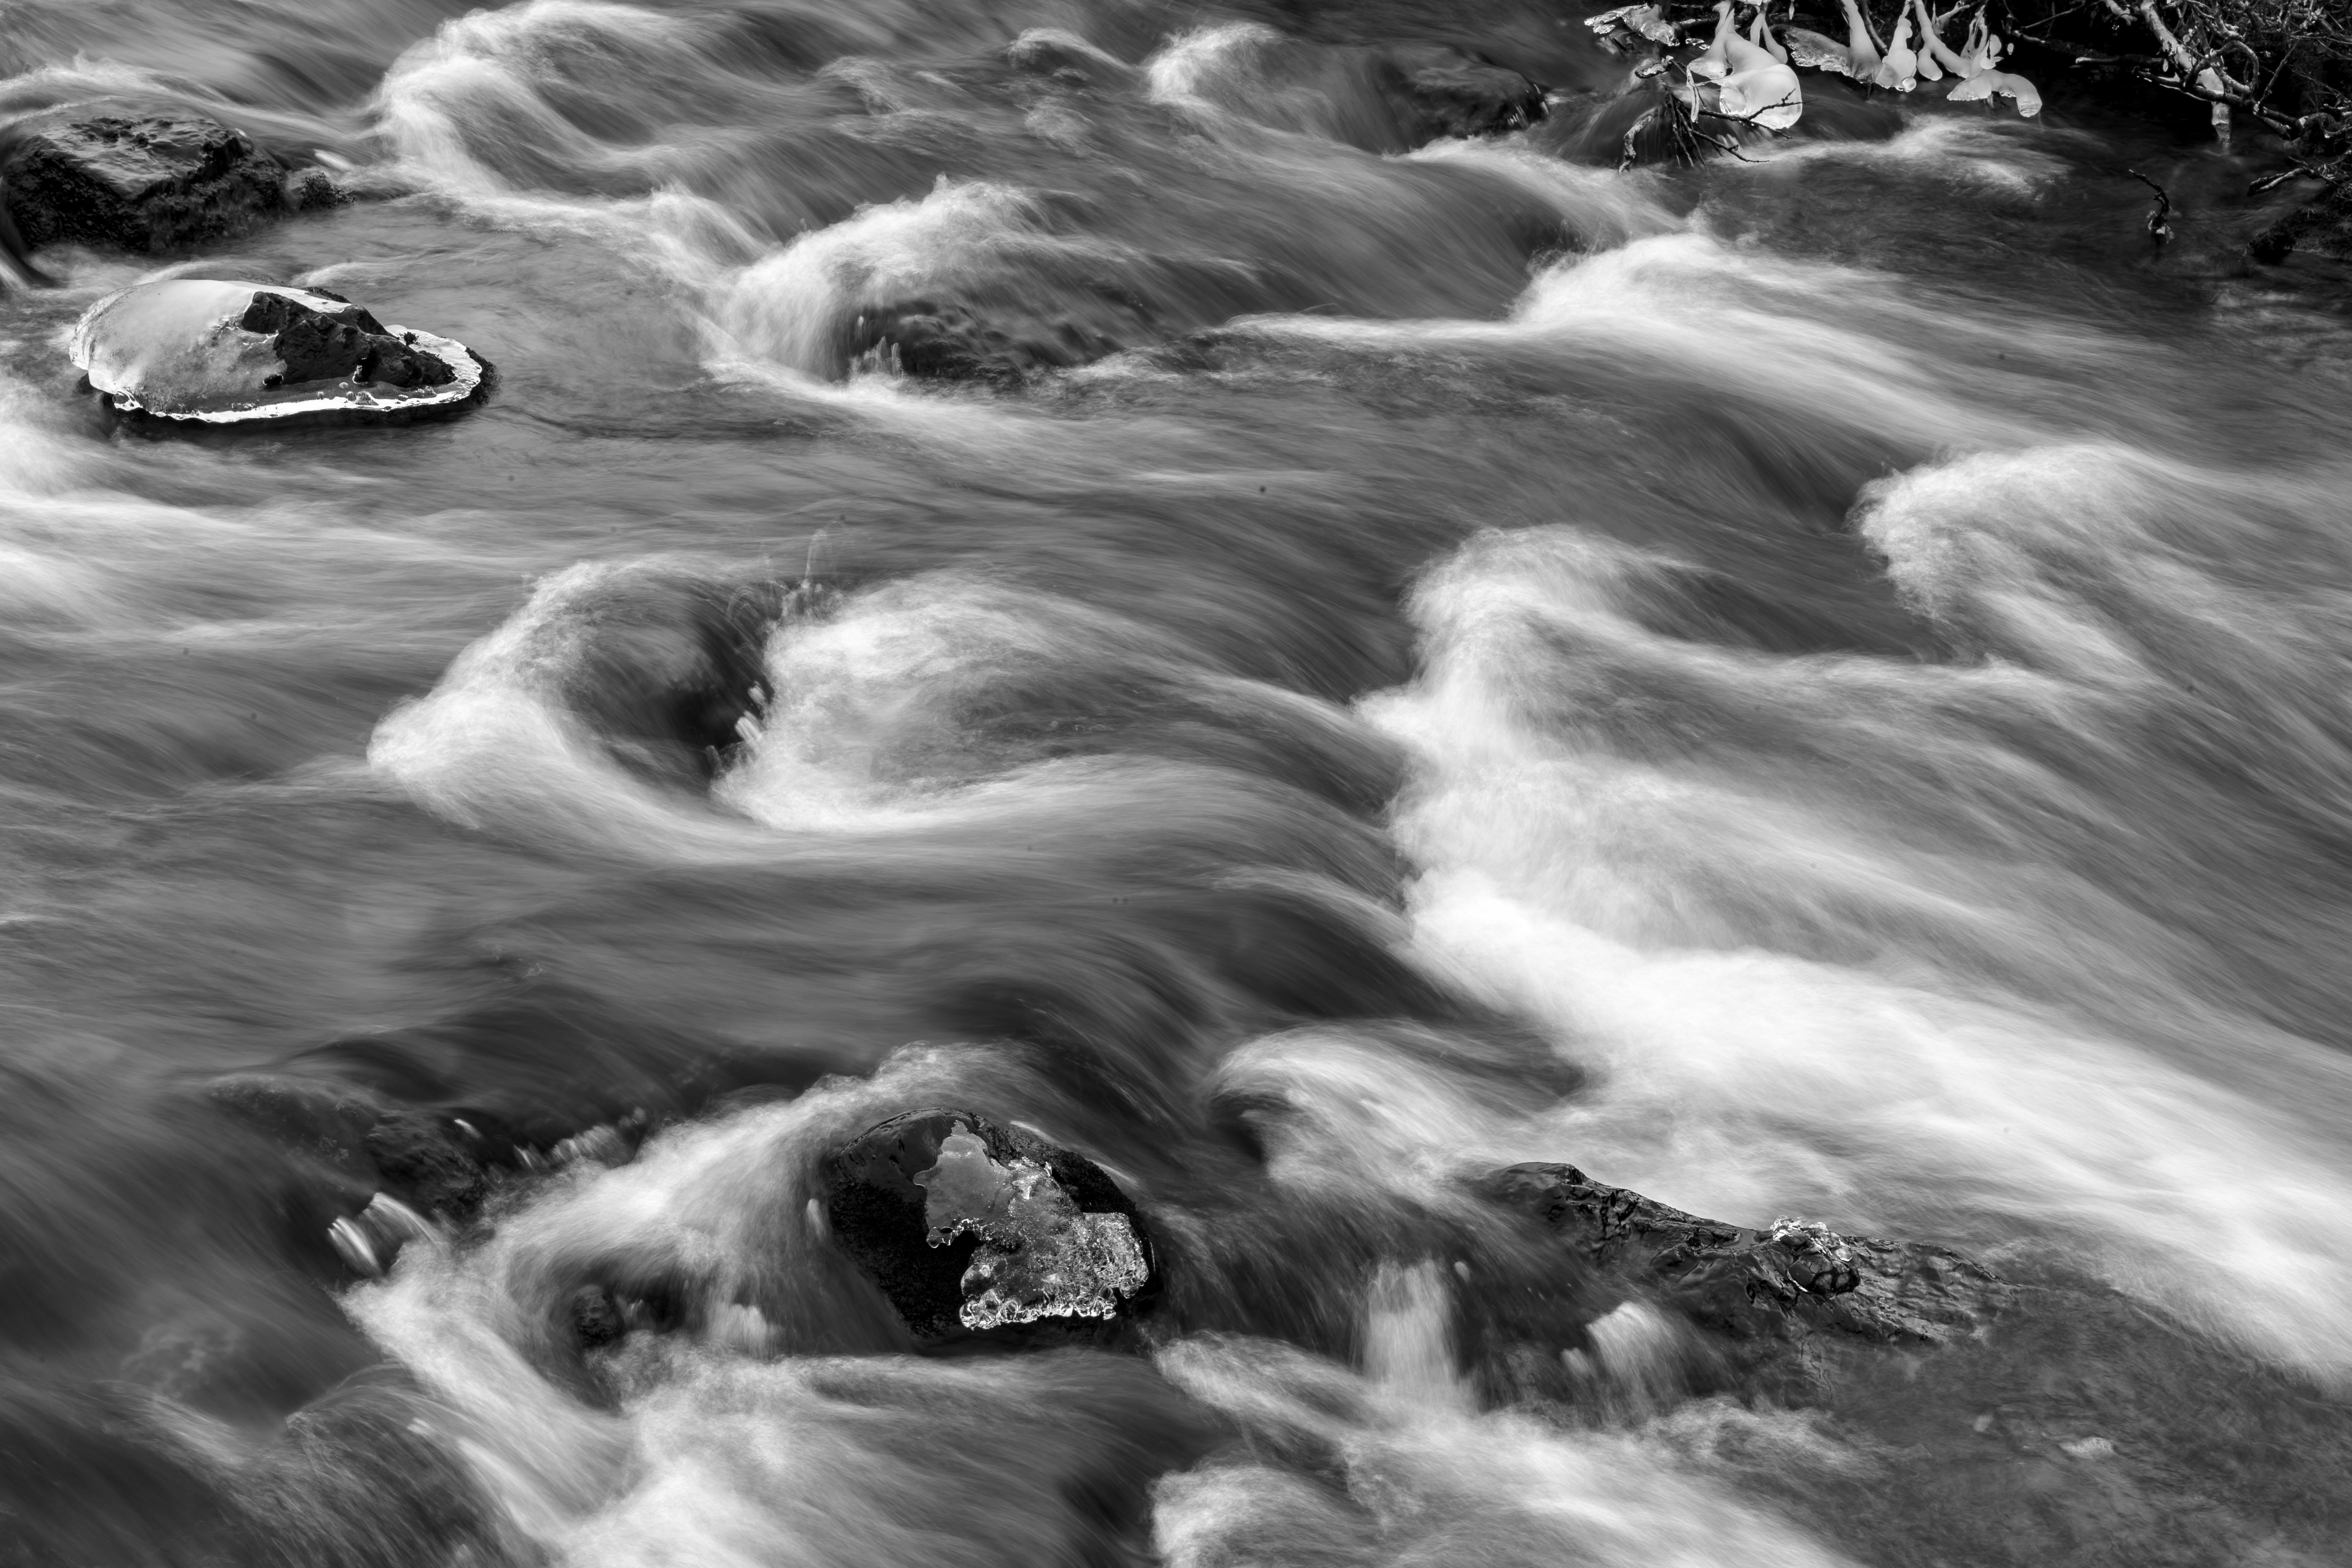 raging-waters-2